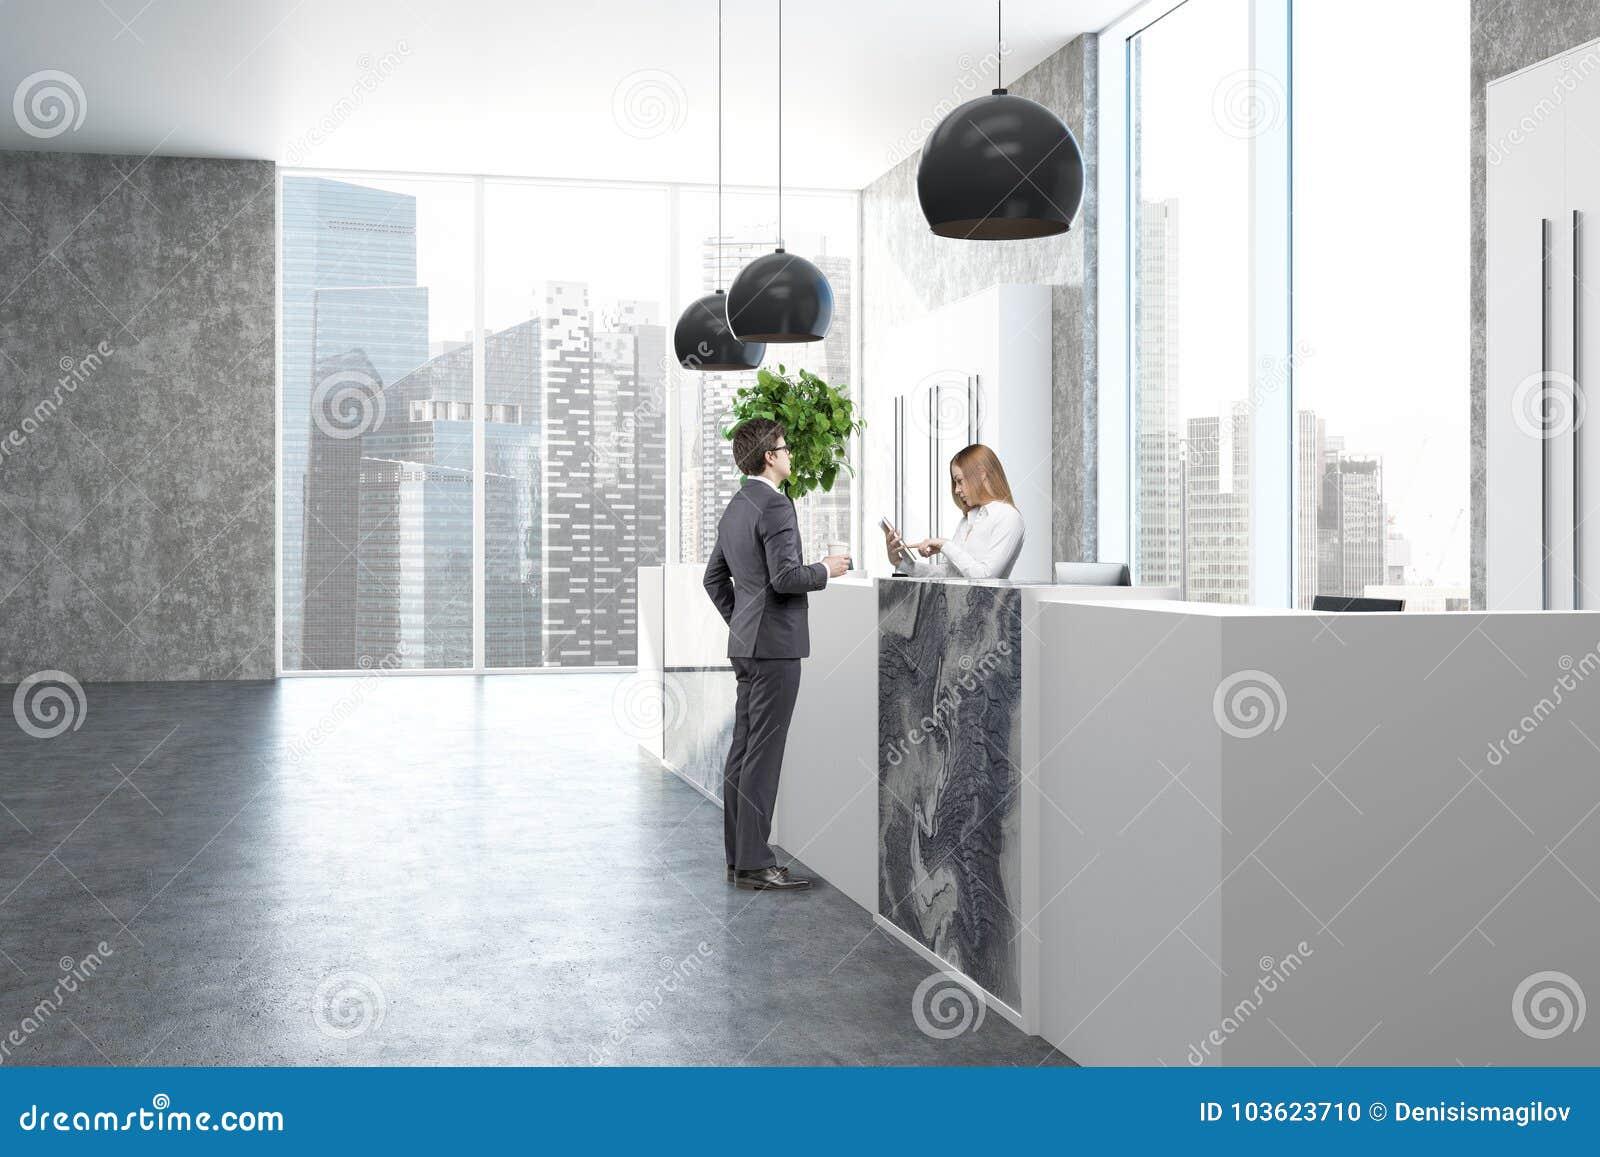 Bureau concret et de marbre côté de réception les gens photo